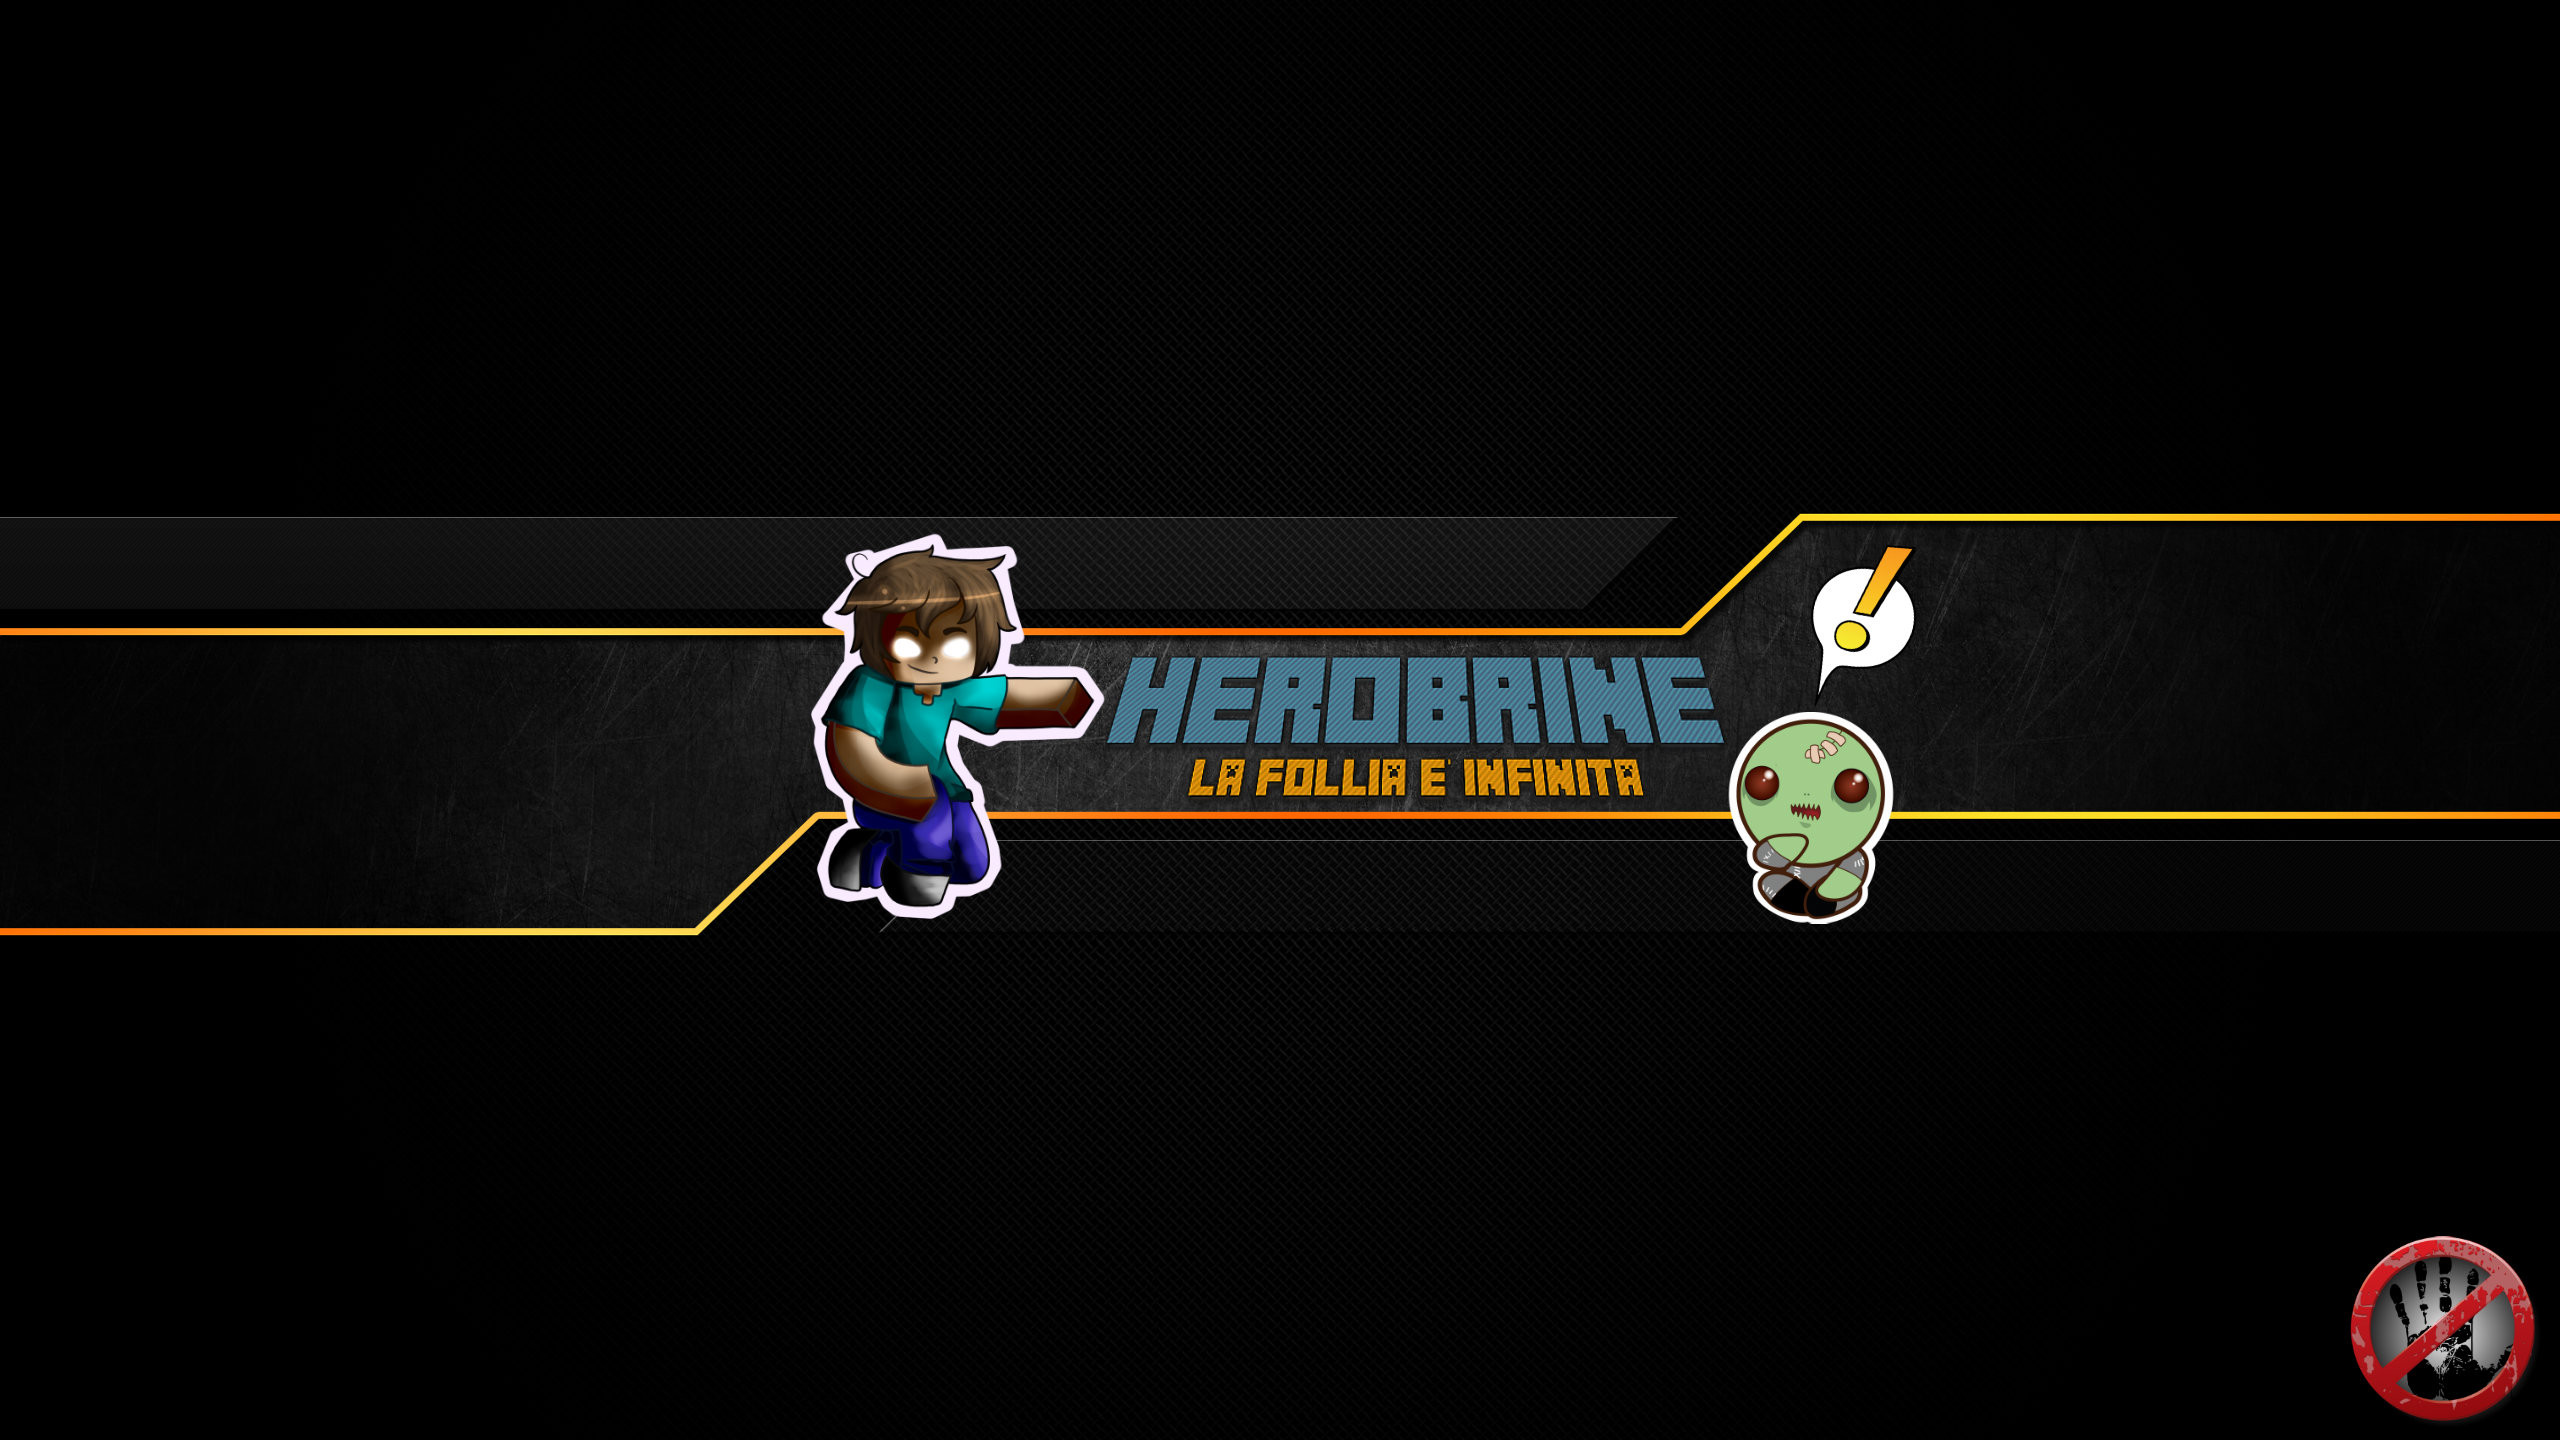 HerobrineHD Channel Art by HerobrineHD on DeviantArt